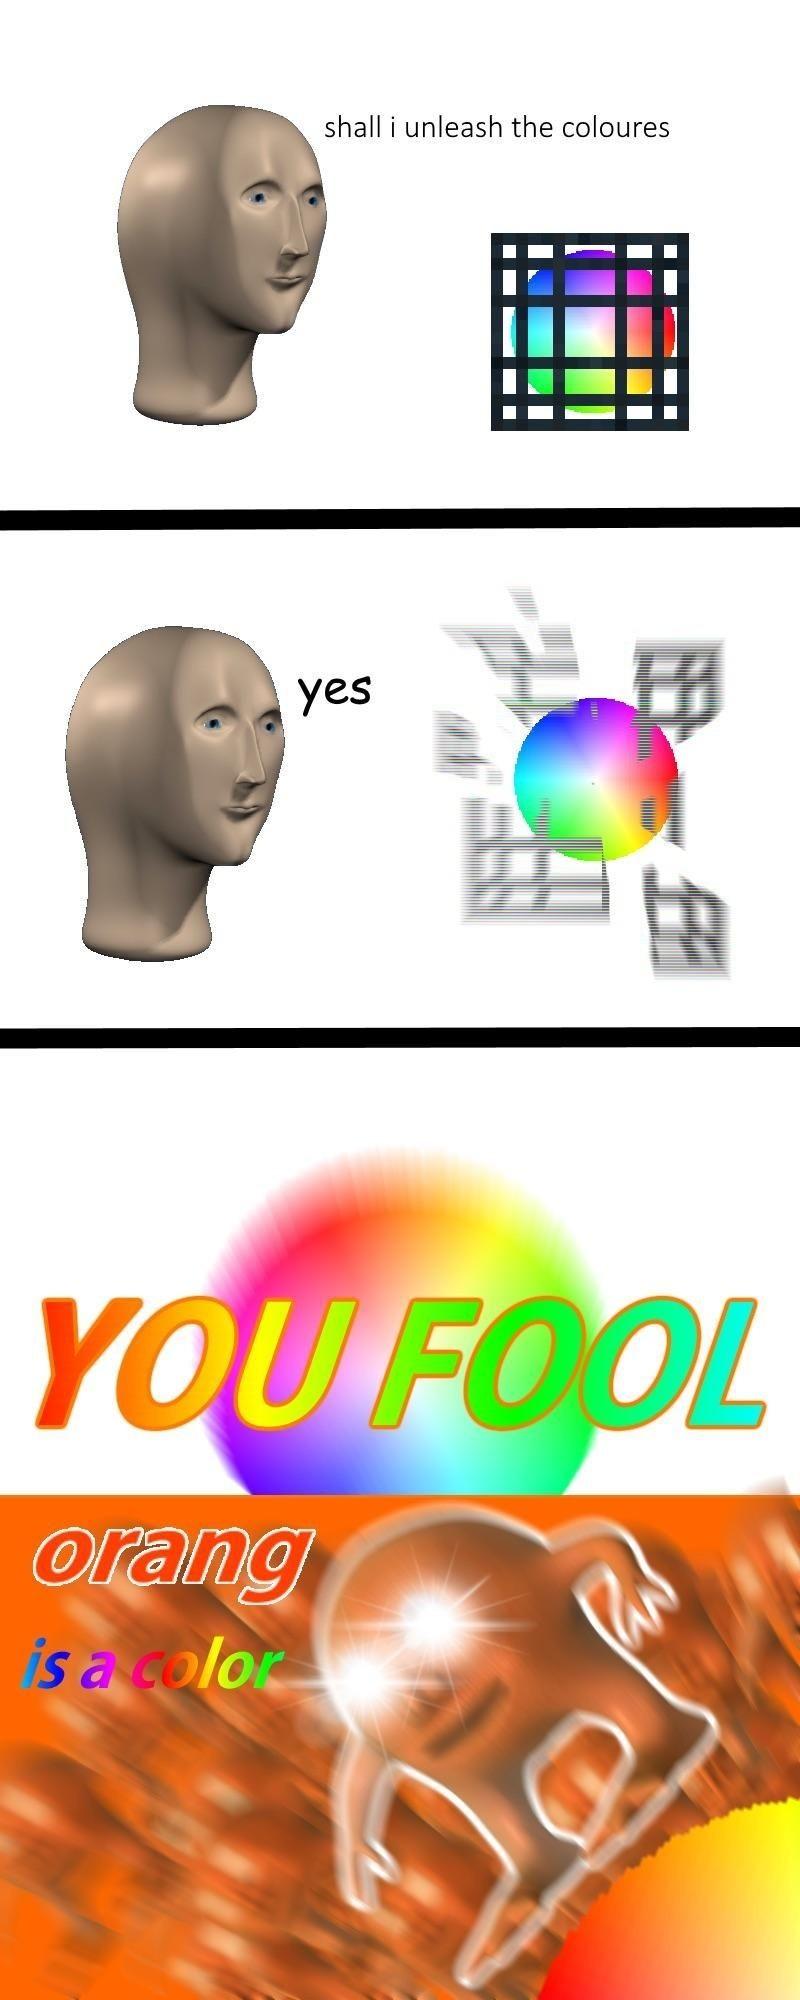 Orang - meme